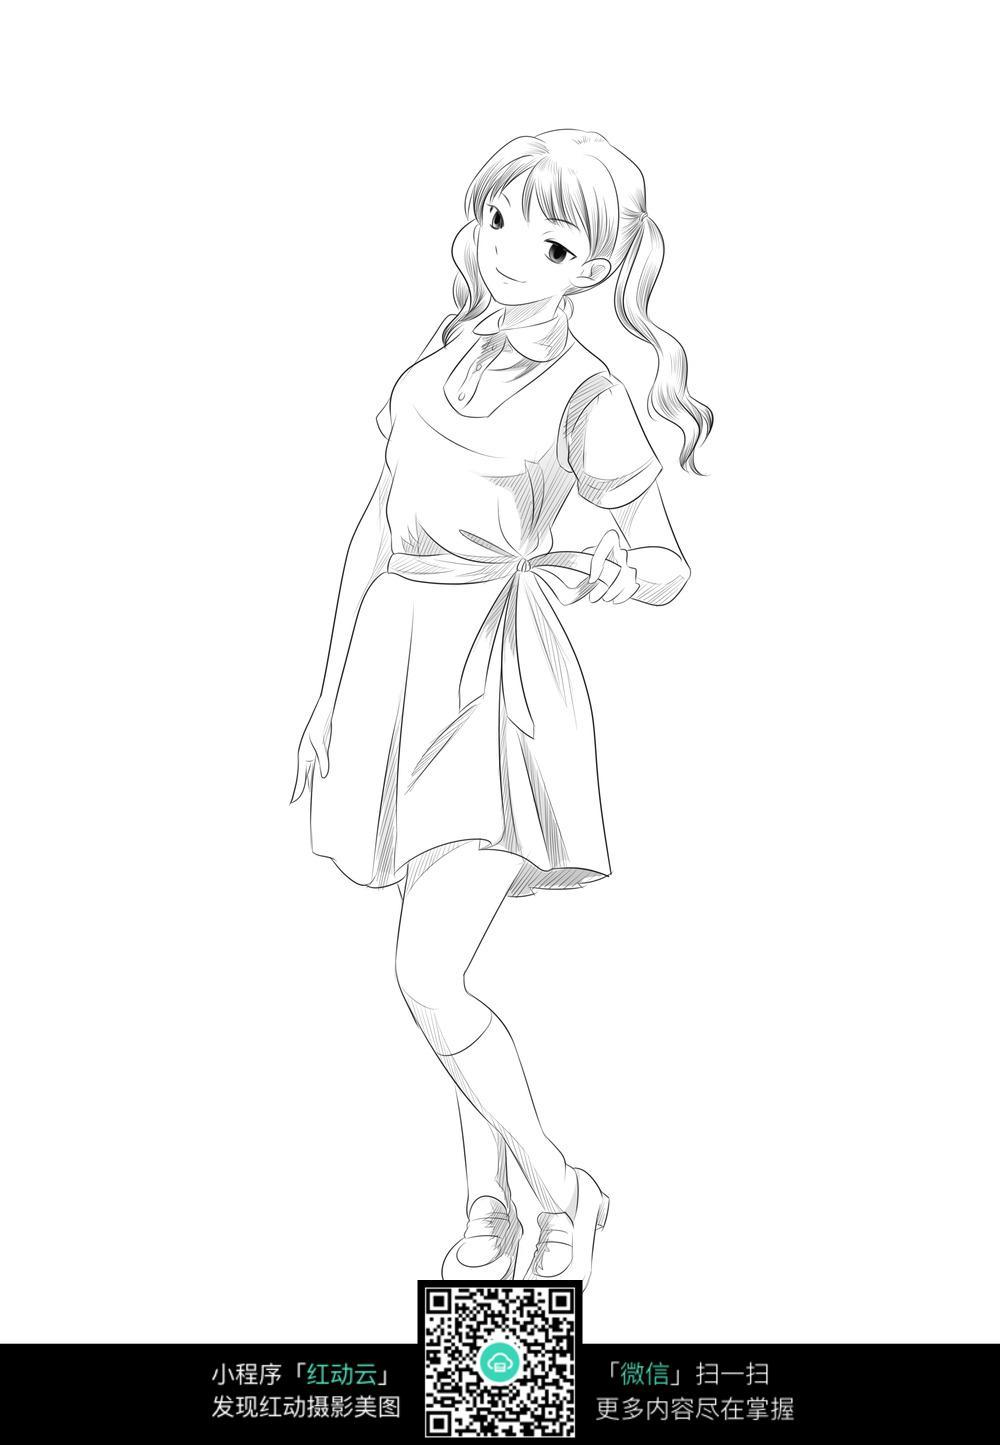 可爱的卡通手绘女孩图片